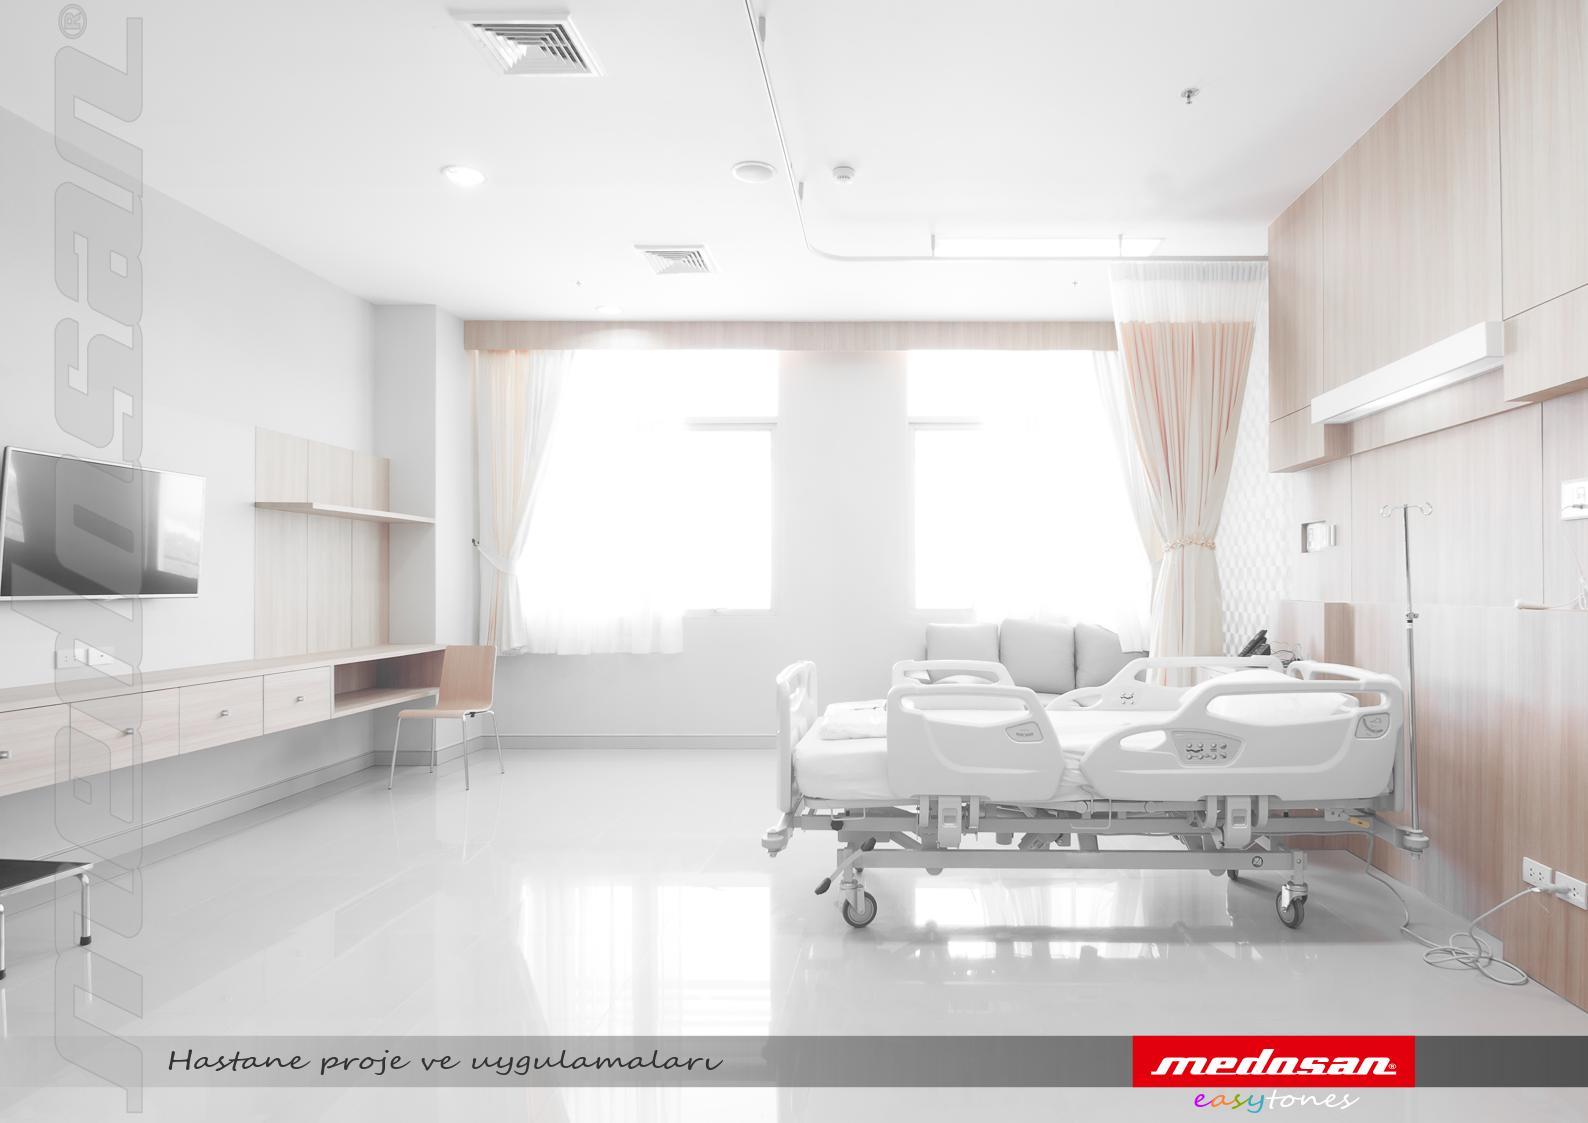 hastane_uygulaması